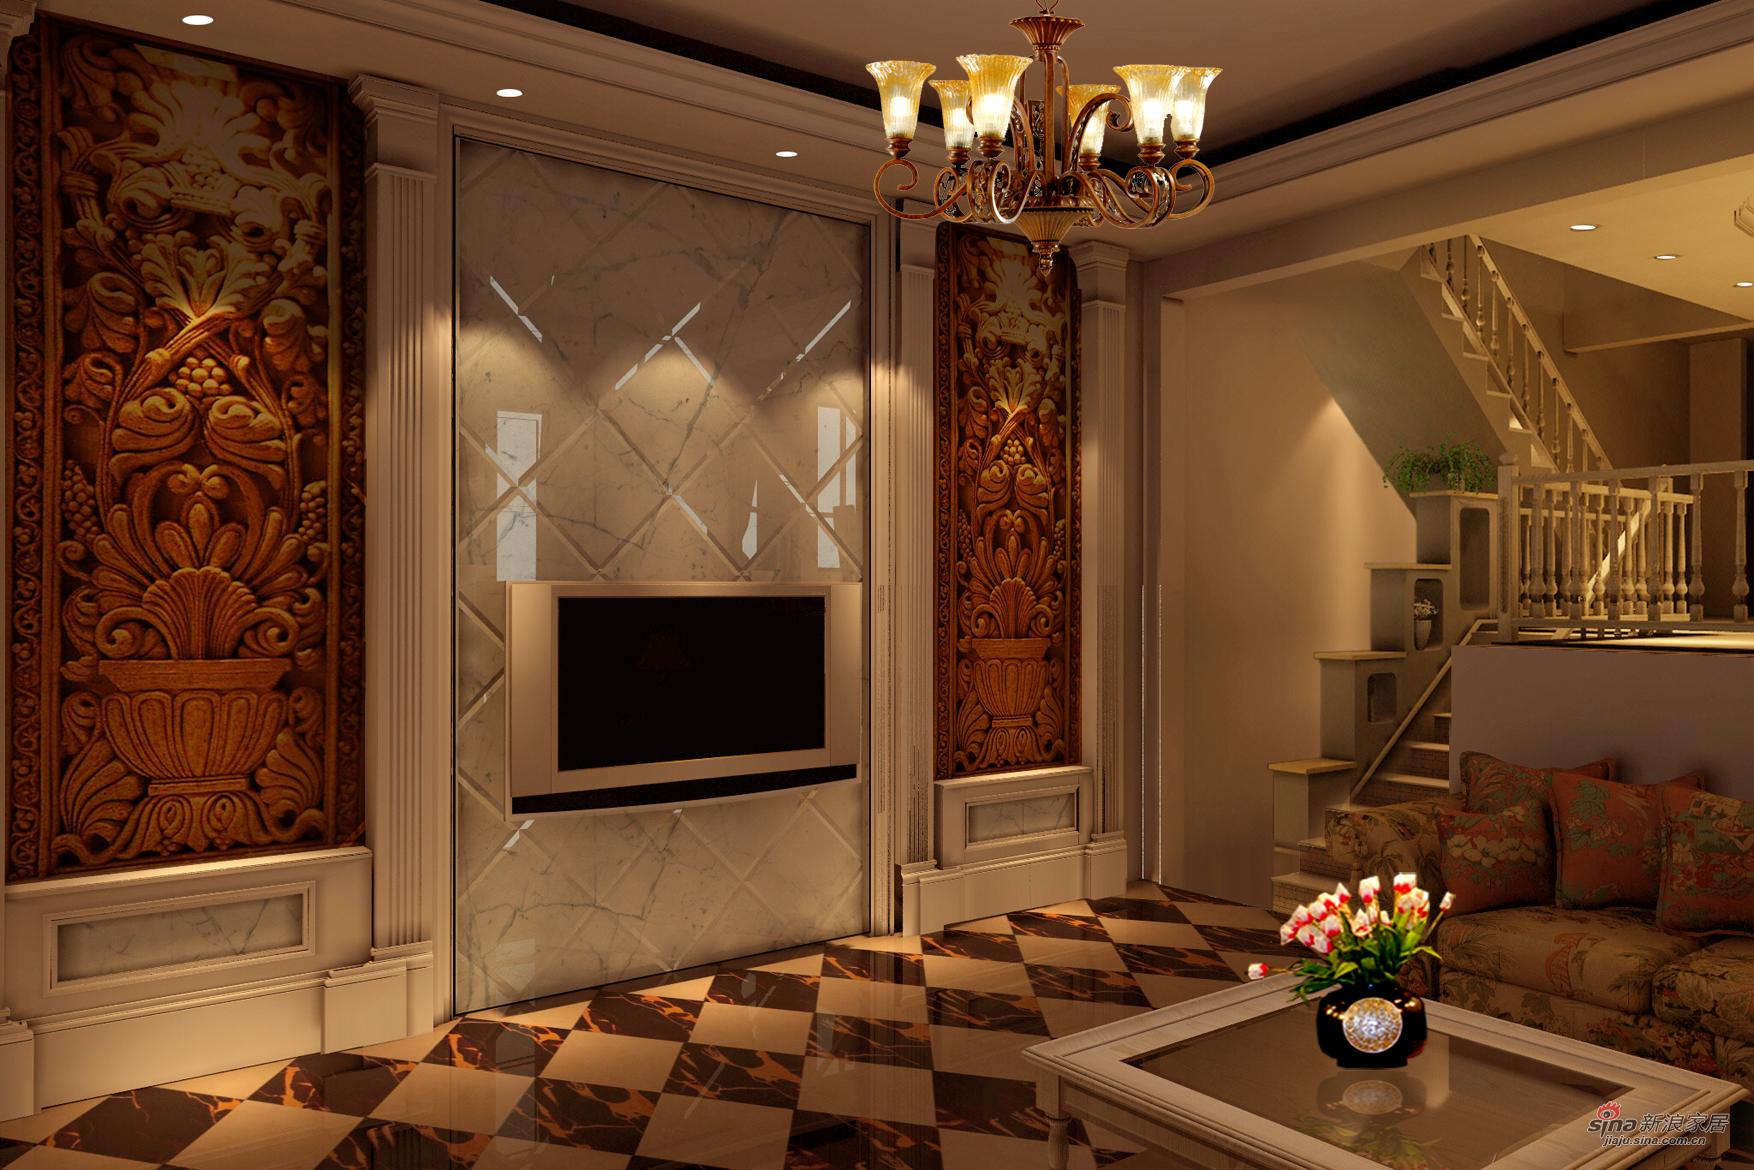 欧式 别墅 客厅图片来自用户2746948411在别墅的欧式美41的分享